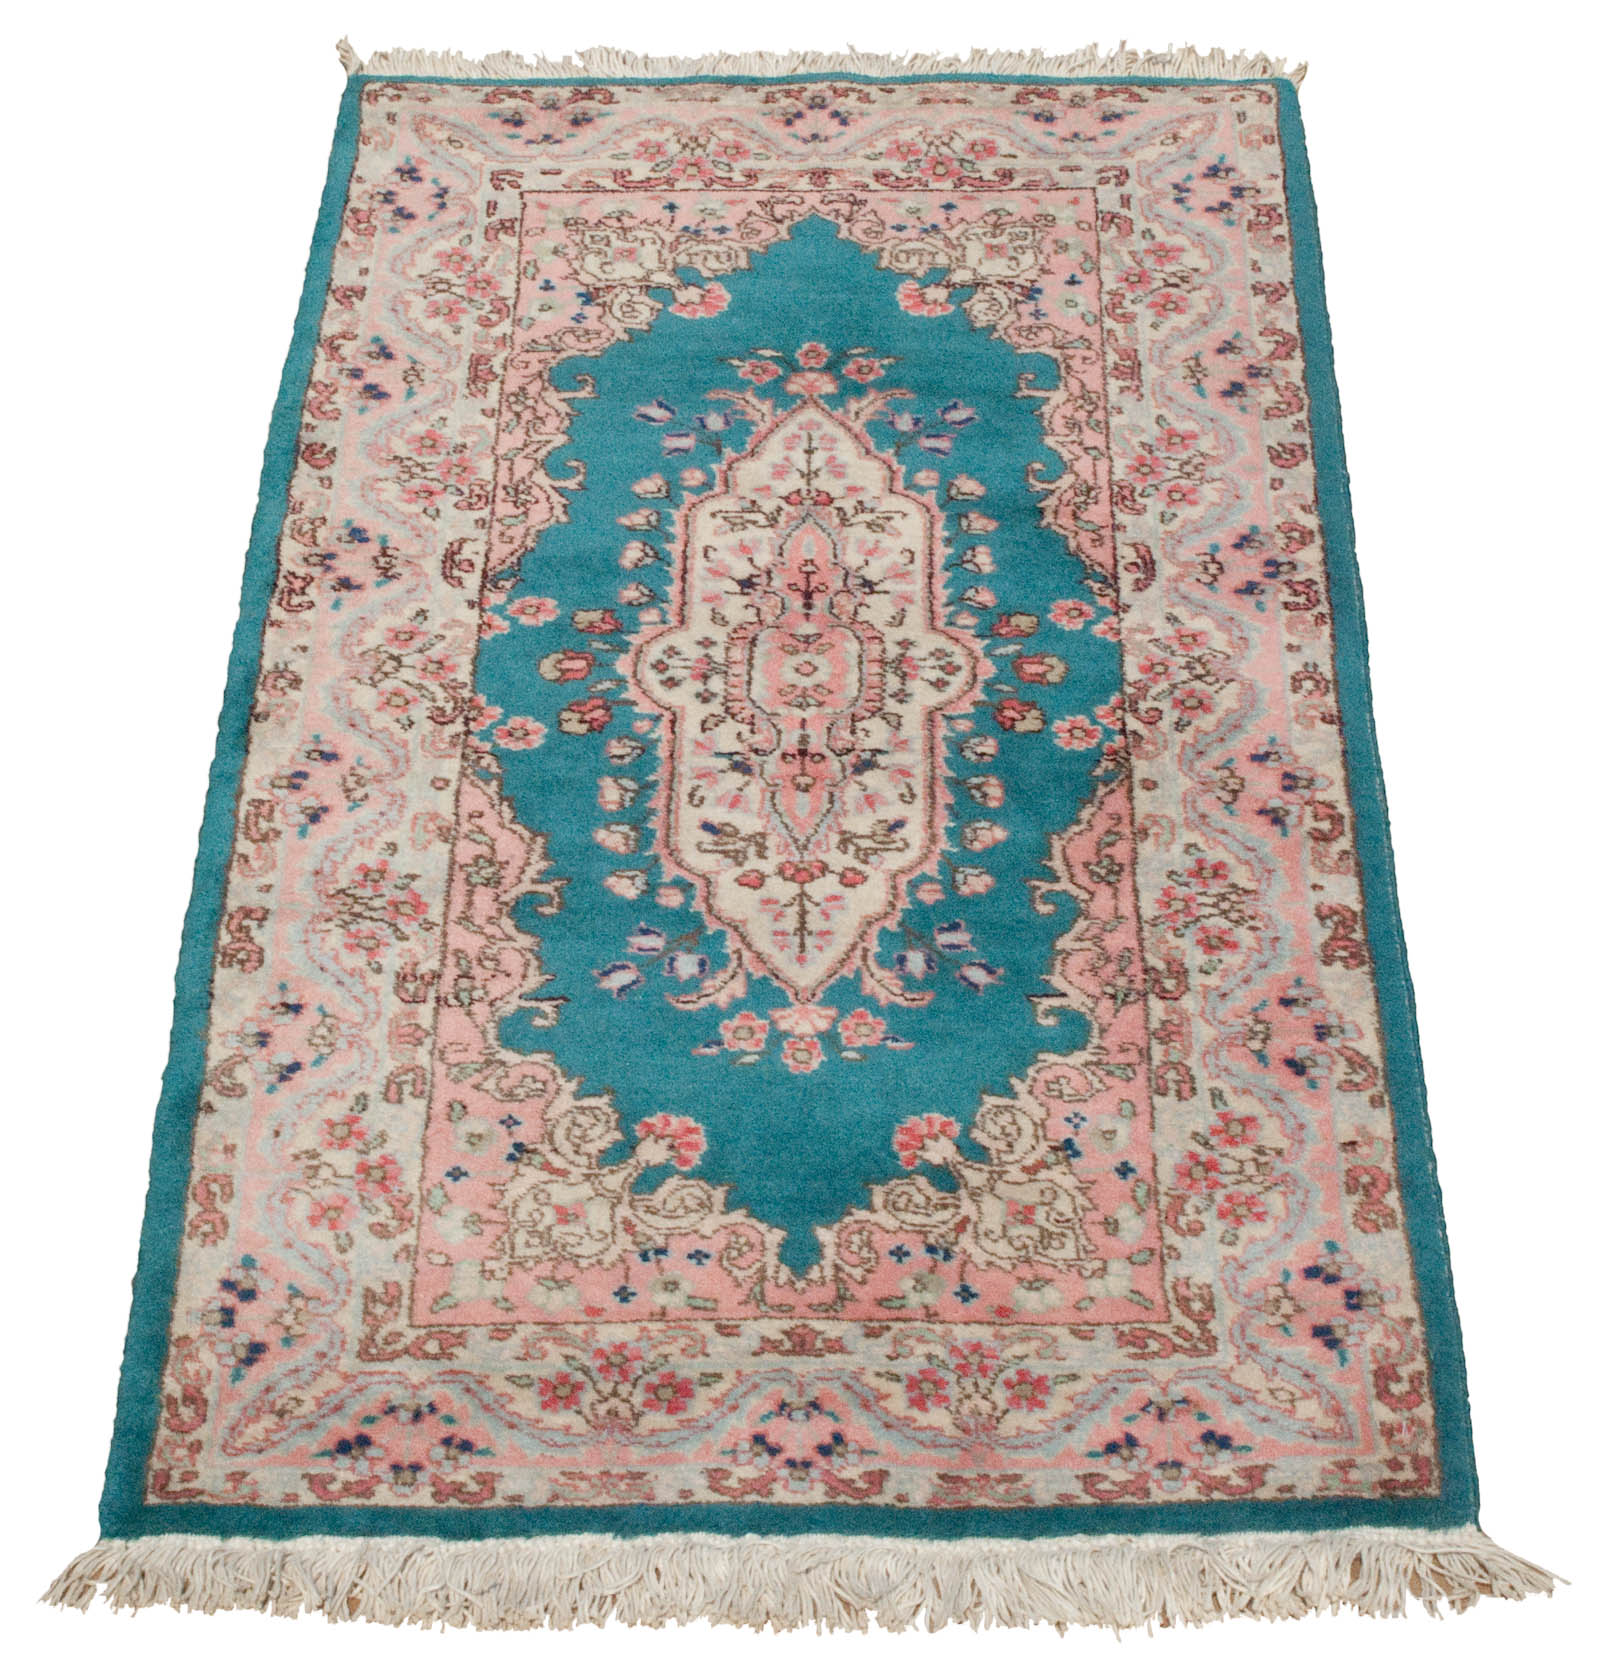 Gorgeous Teal Aquamarine Vintage Persian Tabriz Rug